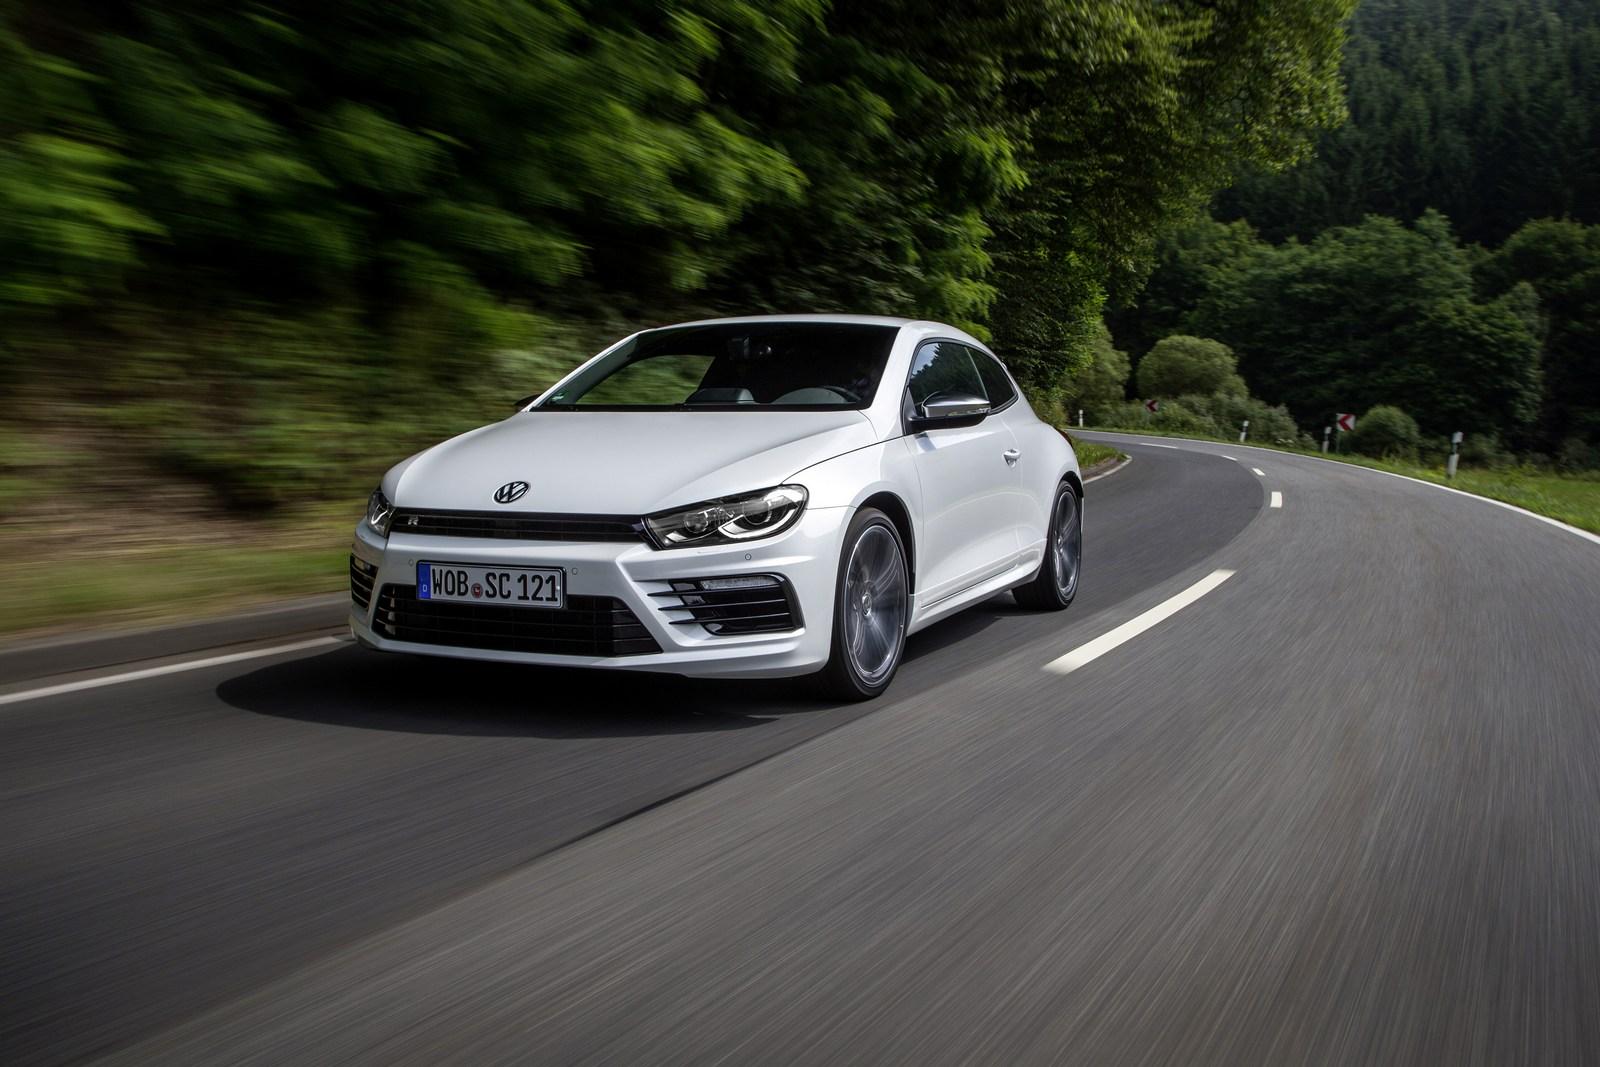 Η VW σταματάει την παραγωγή του Scirocco